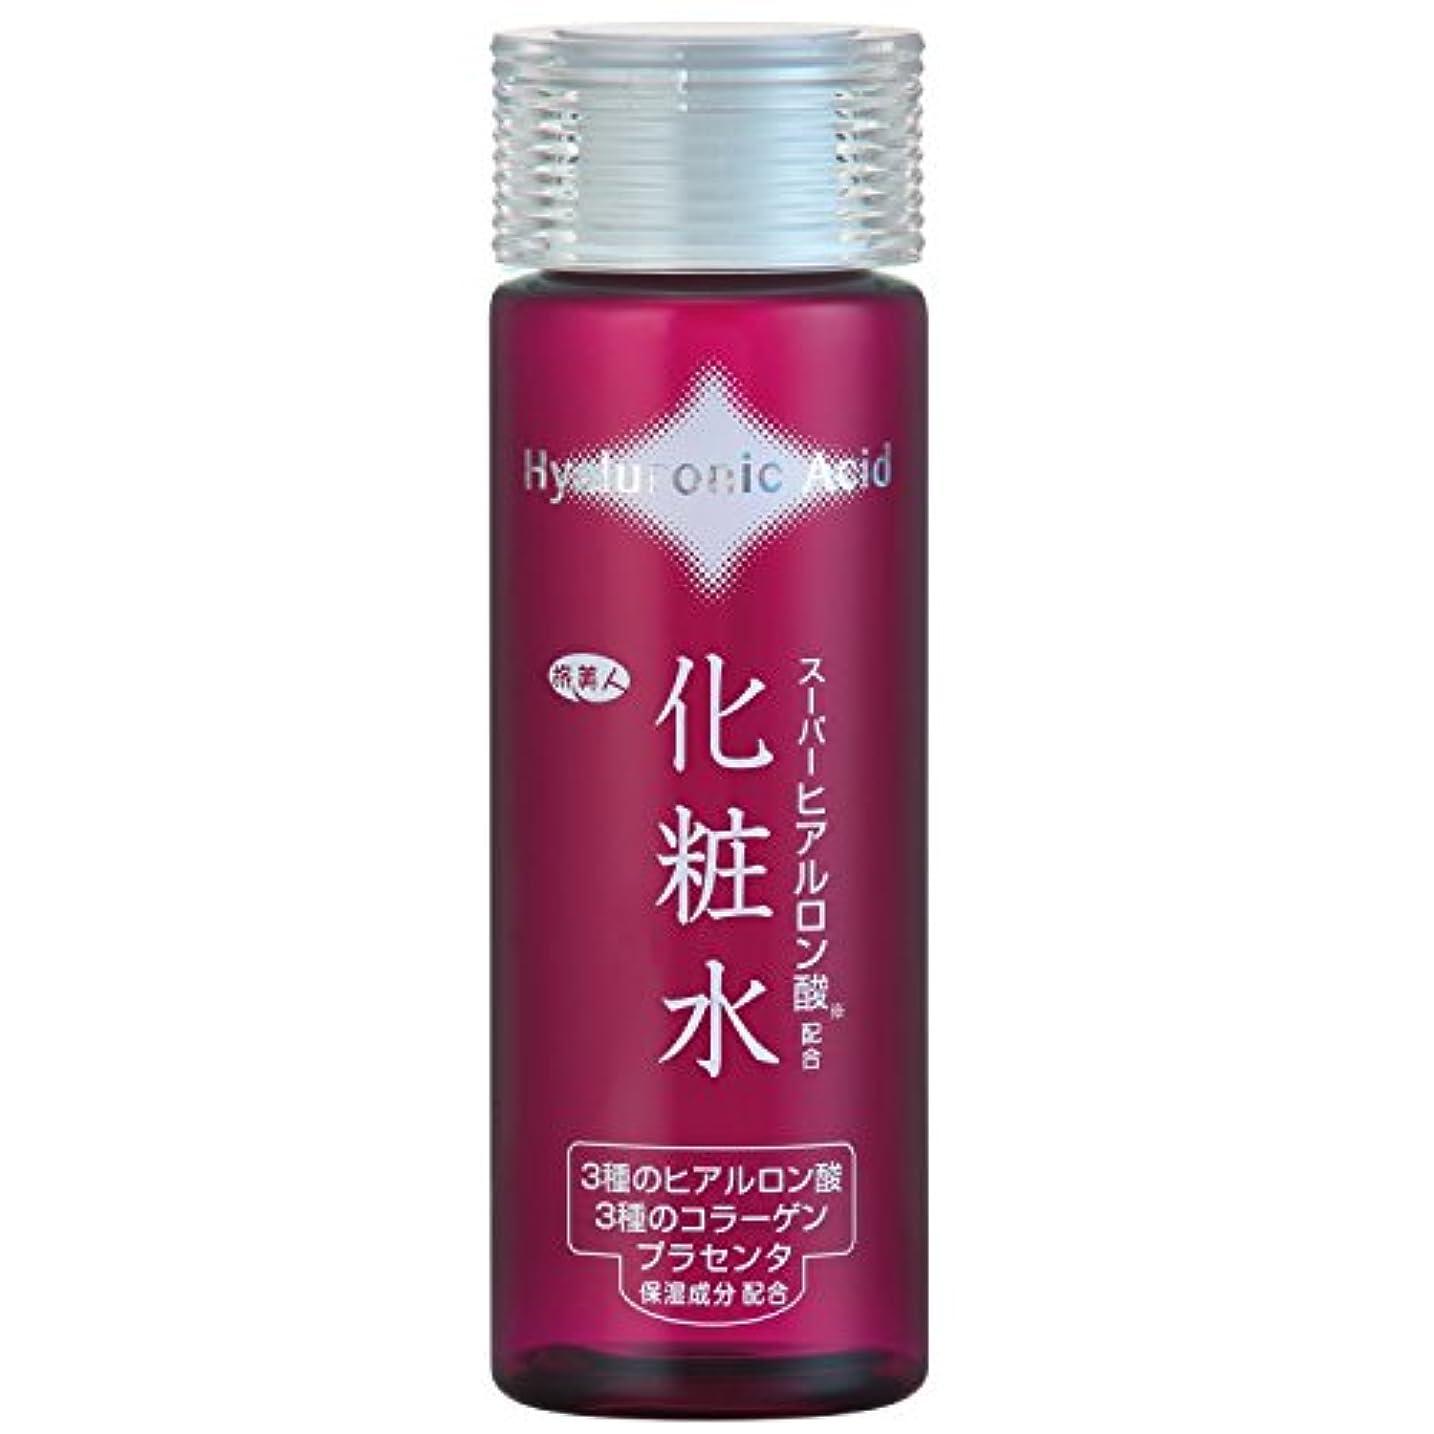 企業弓それアズマ商事のスーパーヒアルロン酸配合化粧水